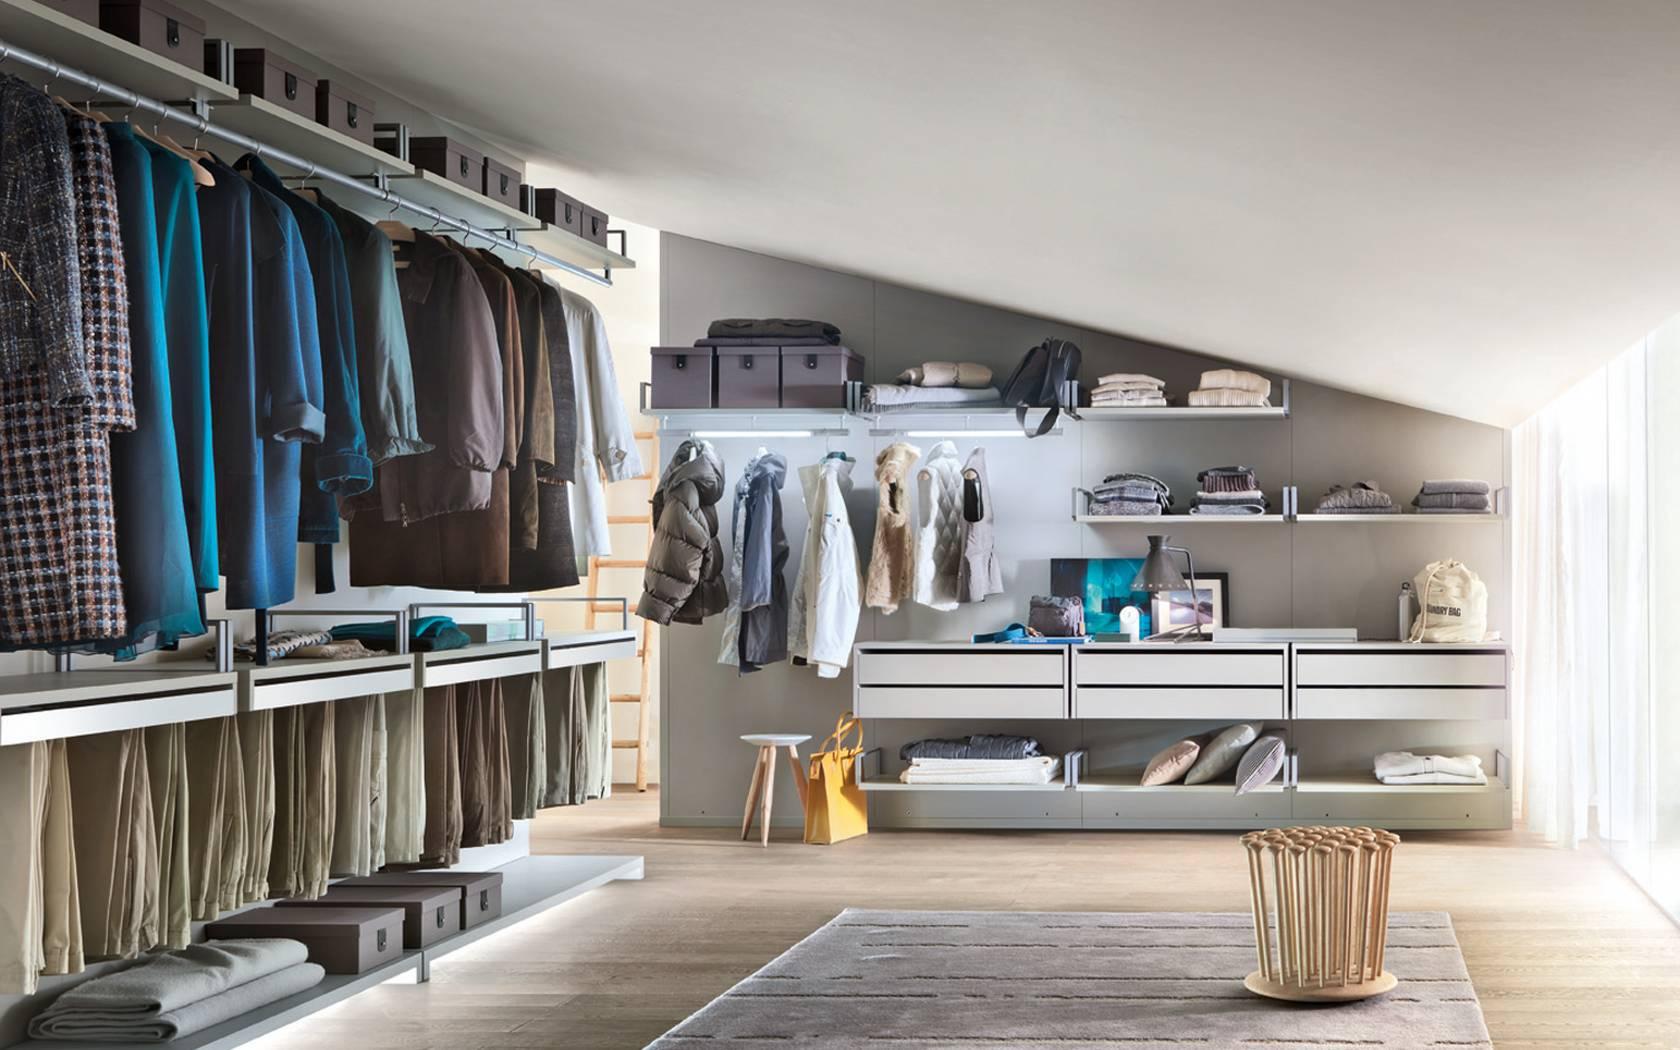 Cabina armadio vs armadio su misura soluzioni di casa